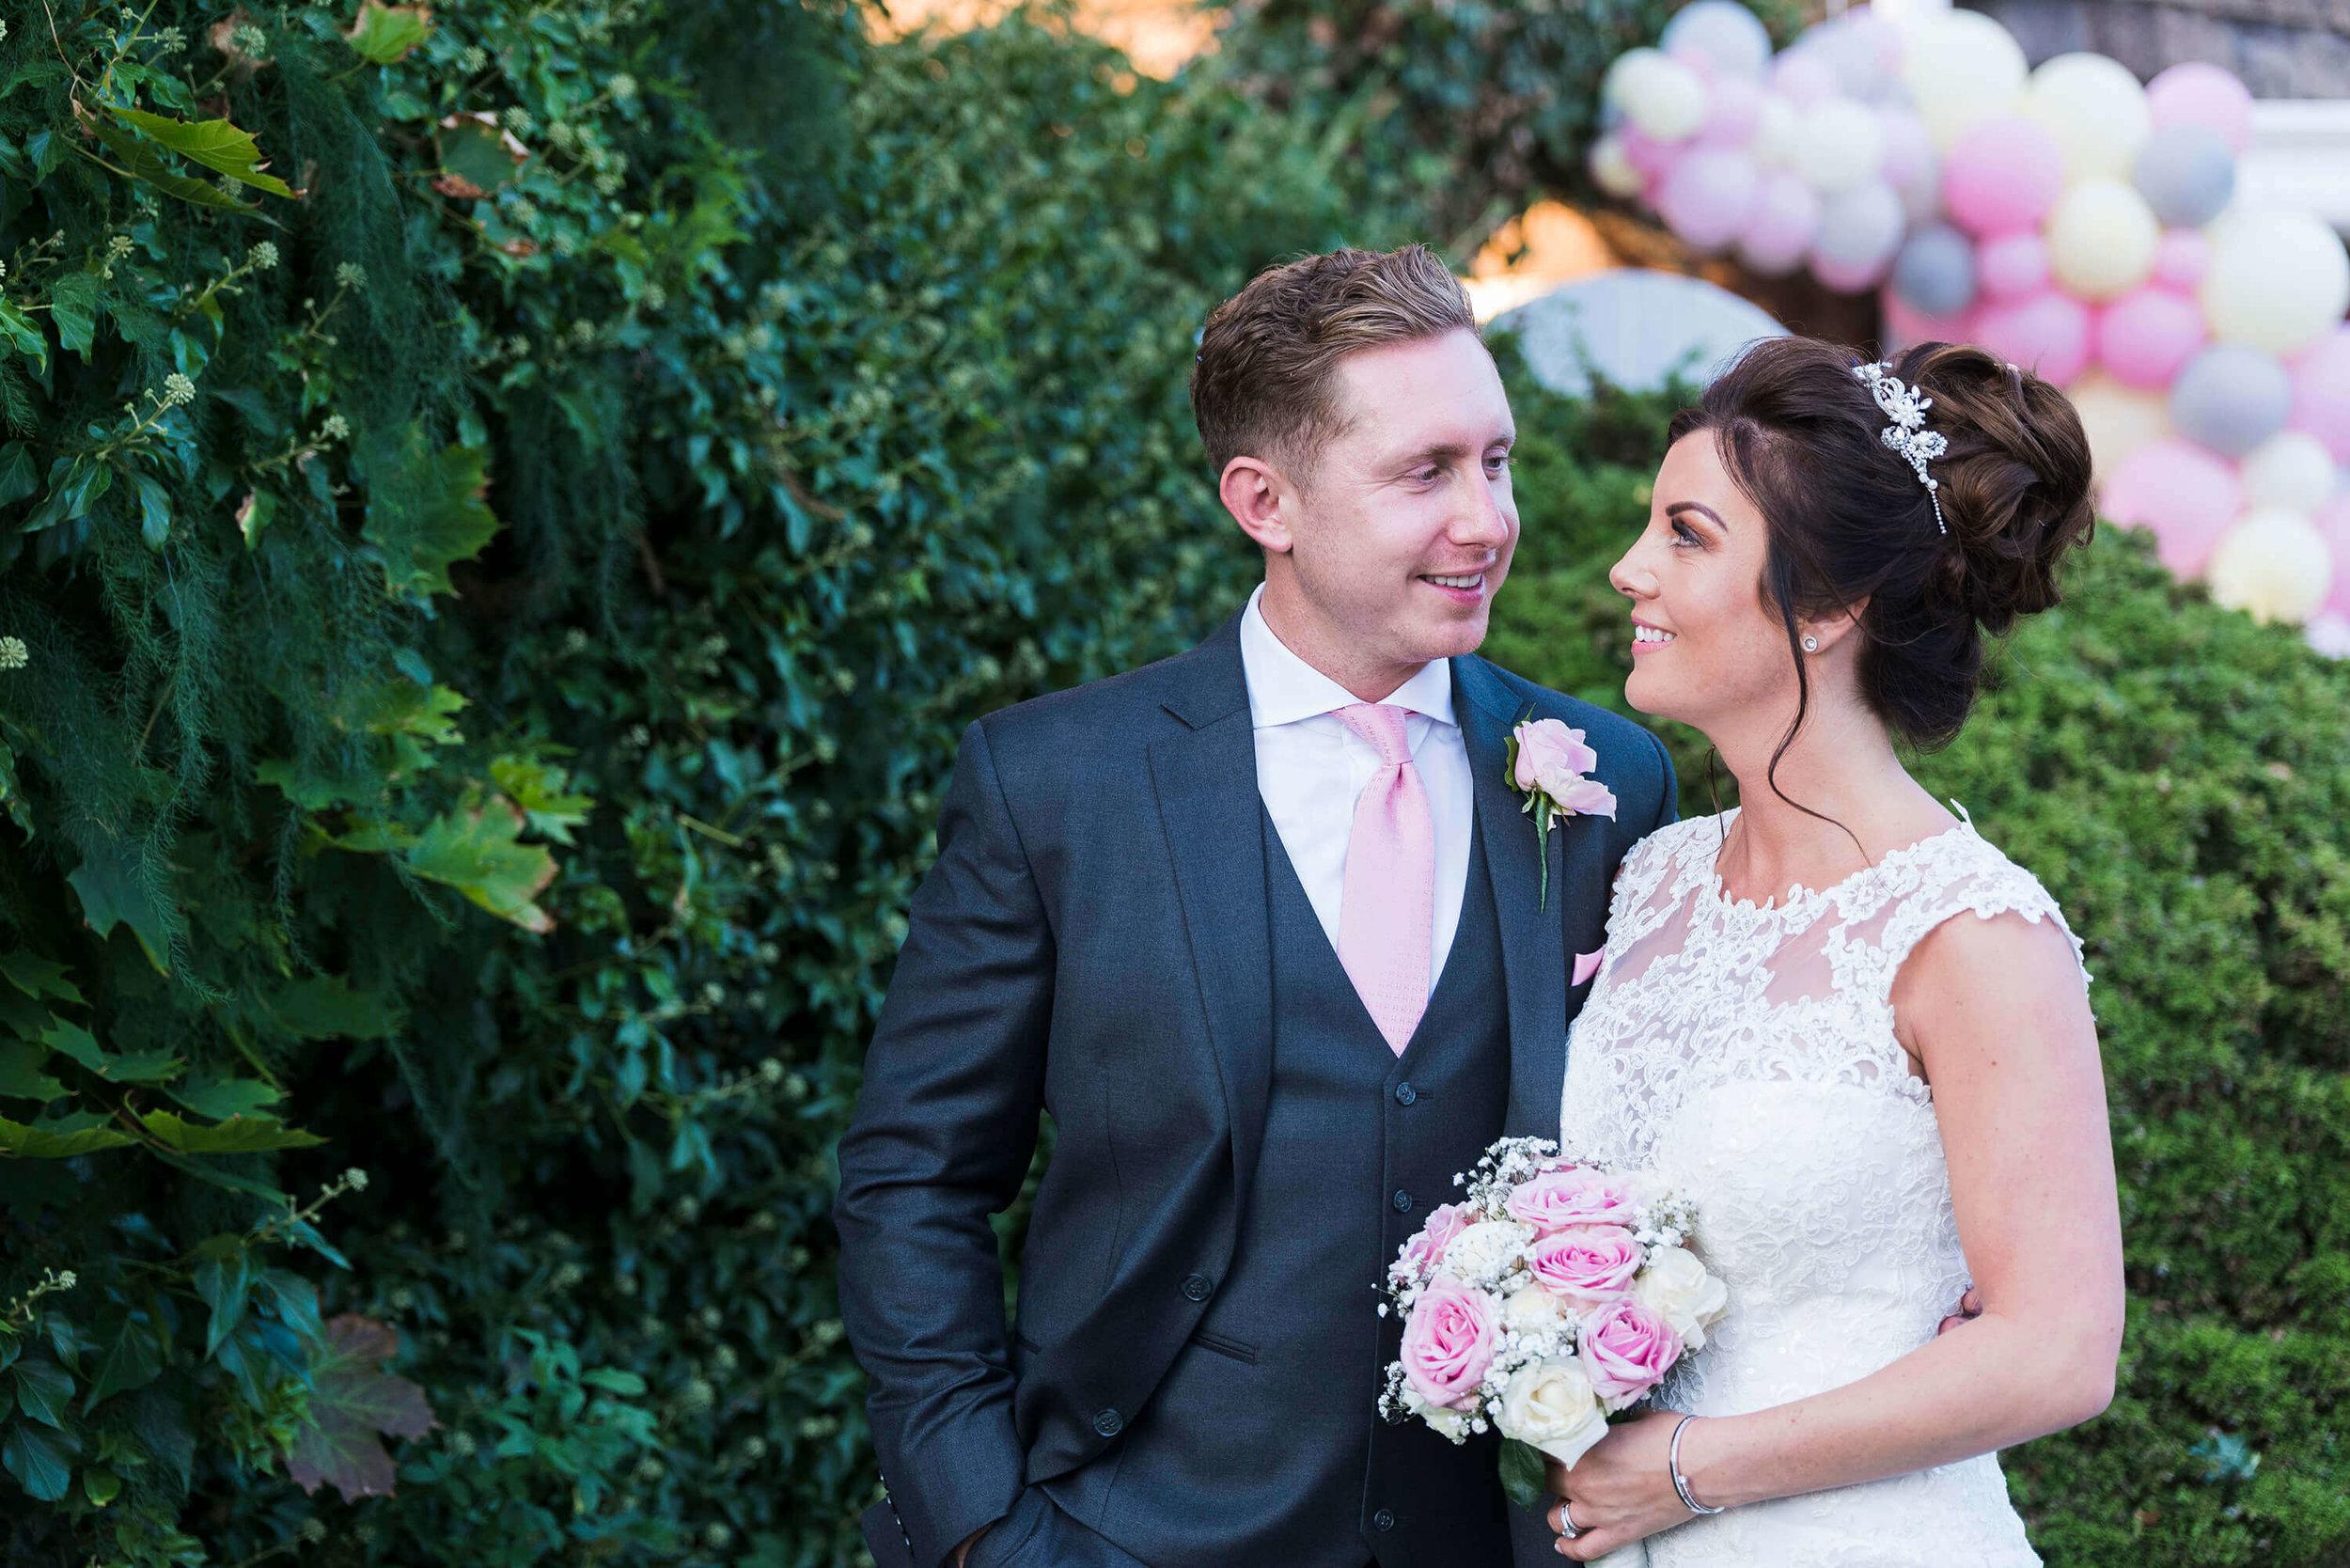 essex-wedding-planner-bride-and-groom.jpg